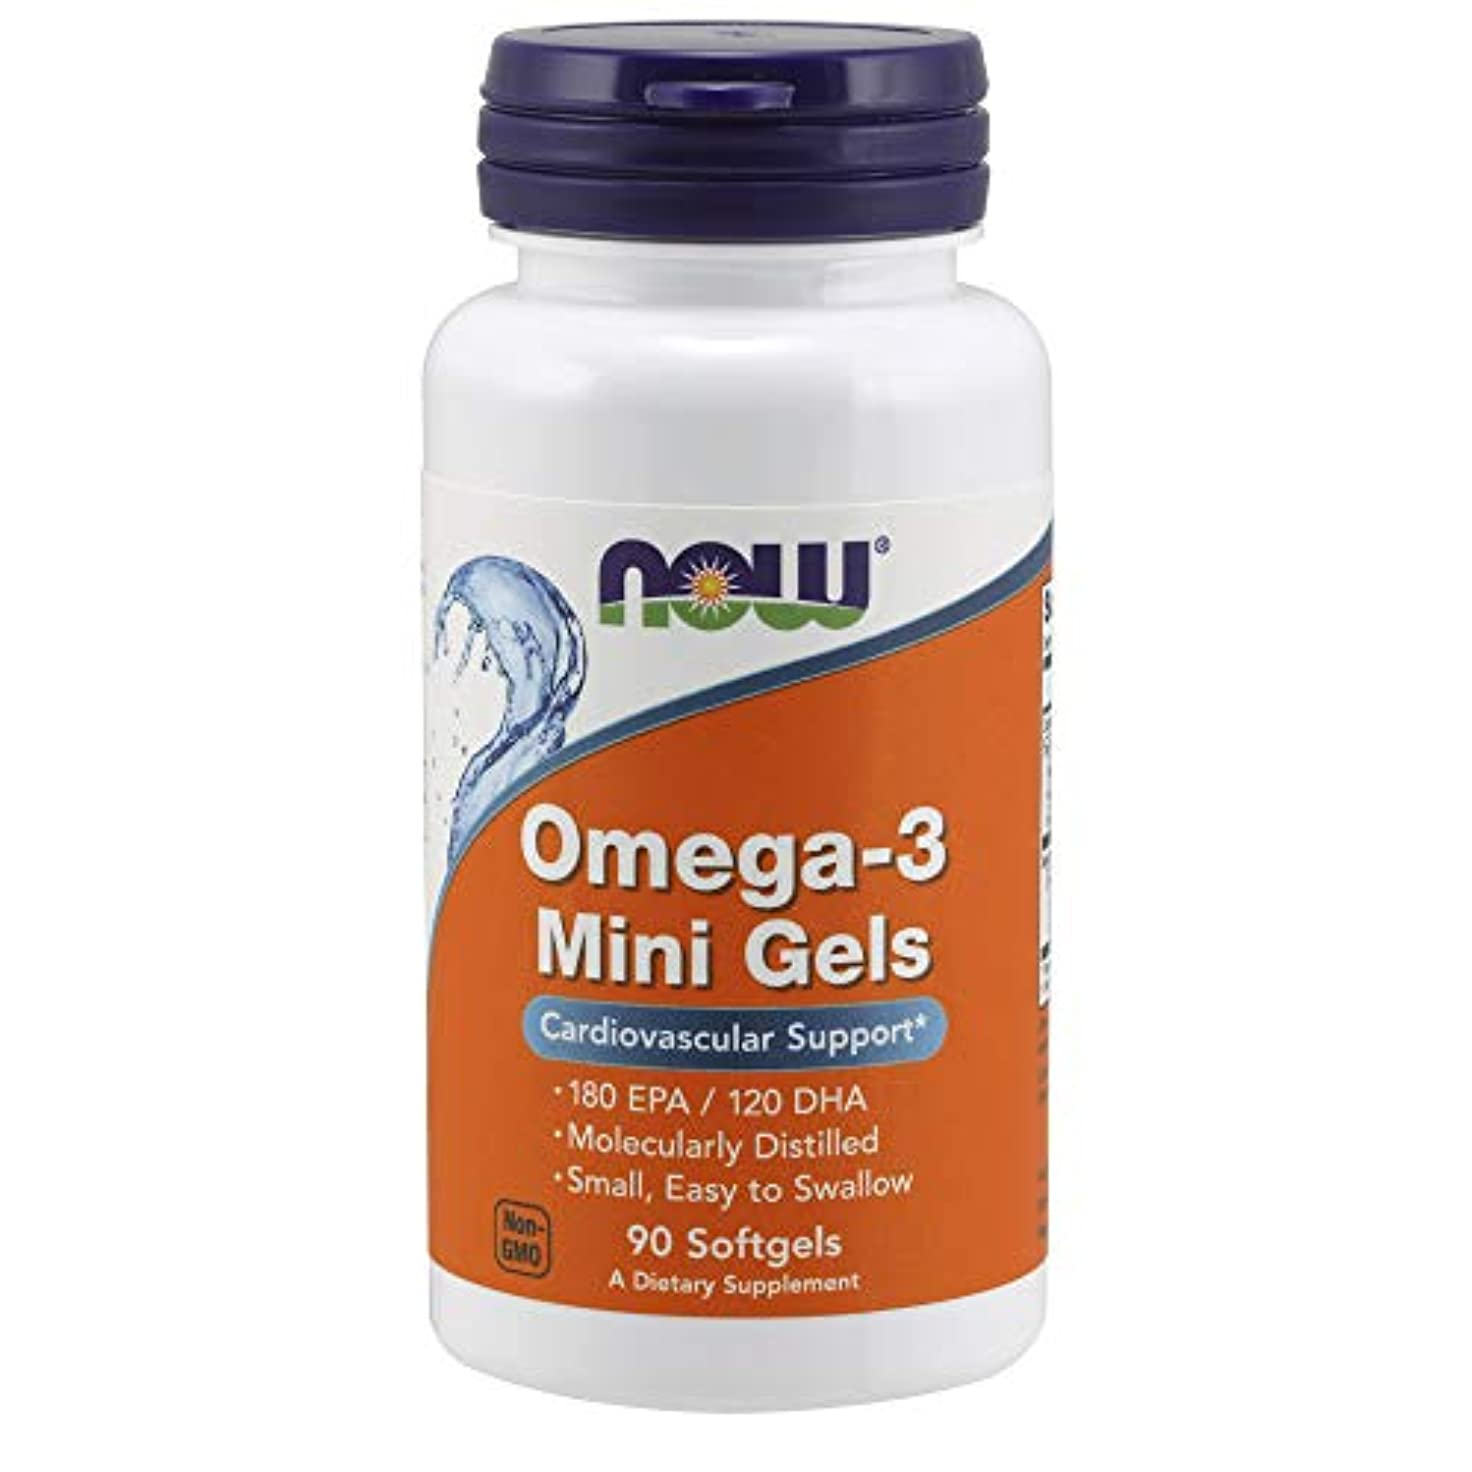 物足りない誘惑するここに[海外直送品] ナウフーズ   Omega-3 Mini Gels 90 softgels 500 mg